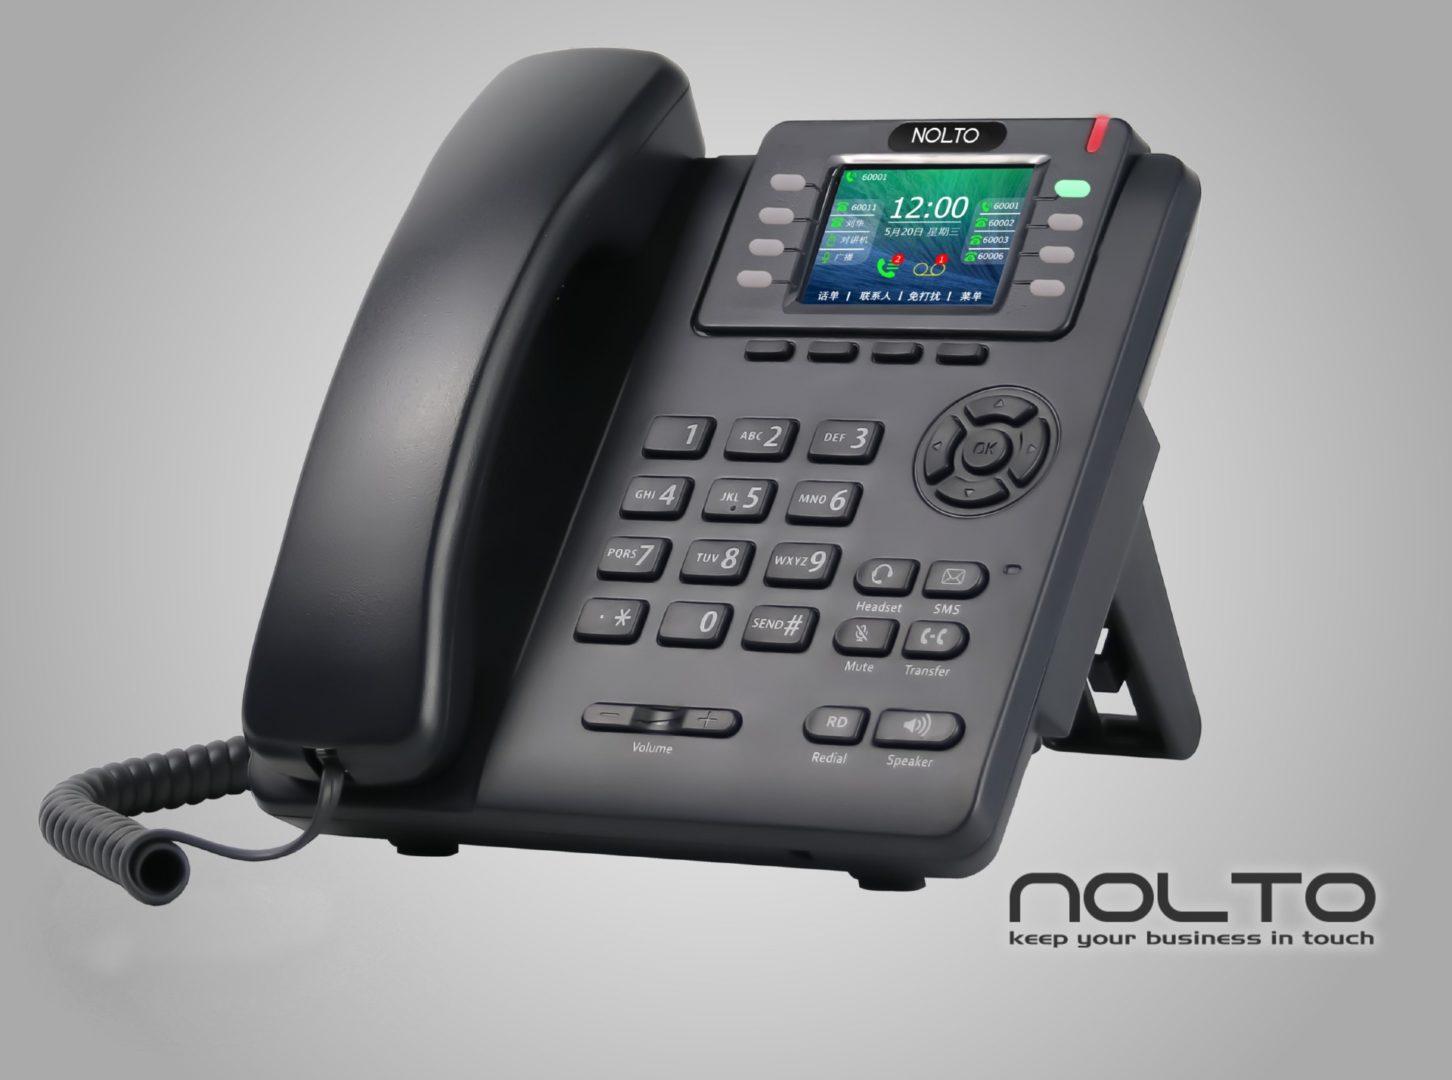 nolto-t800-ip-telefon-ekonomik